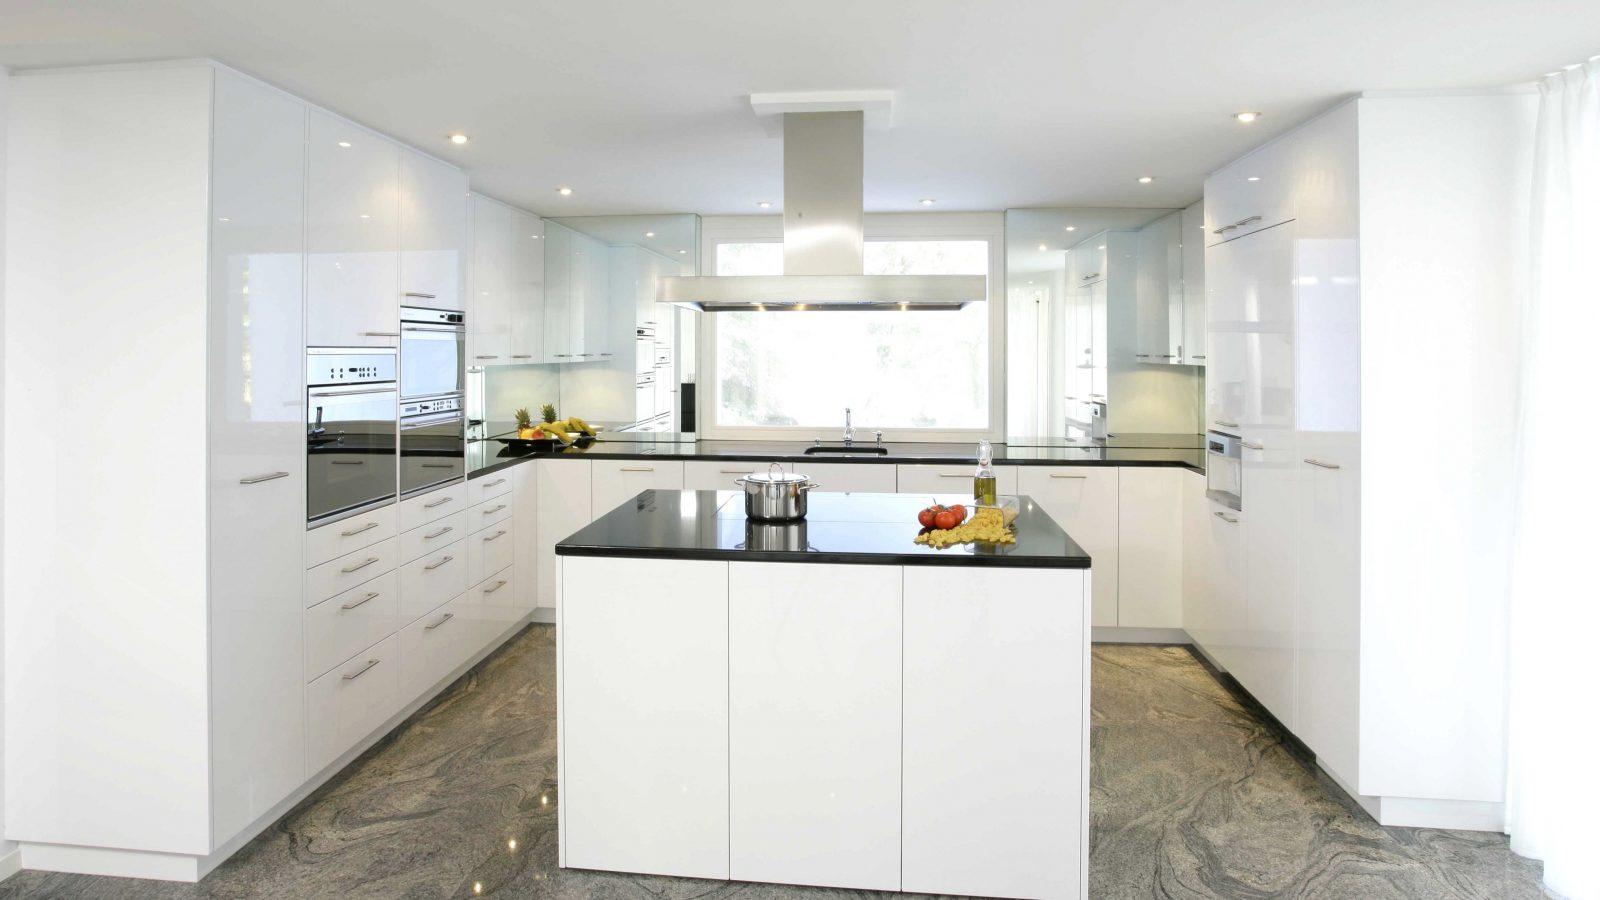 Küche Mit Kochinsel Ikea Küche Mit Folie Bekleben Vorher Zum von Ikea Küche Mit Kochinsel Bild